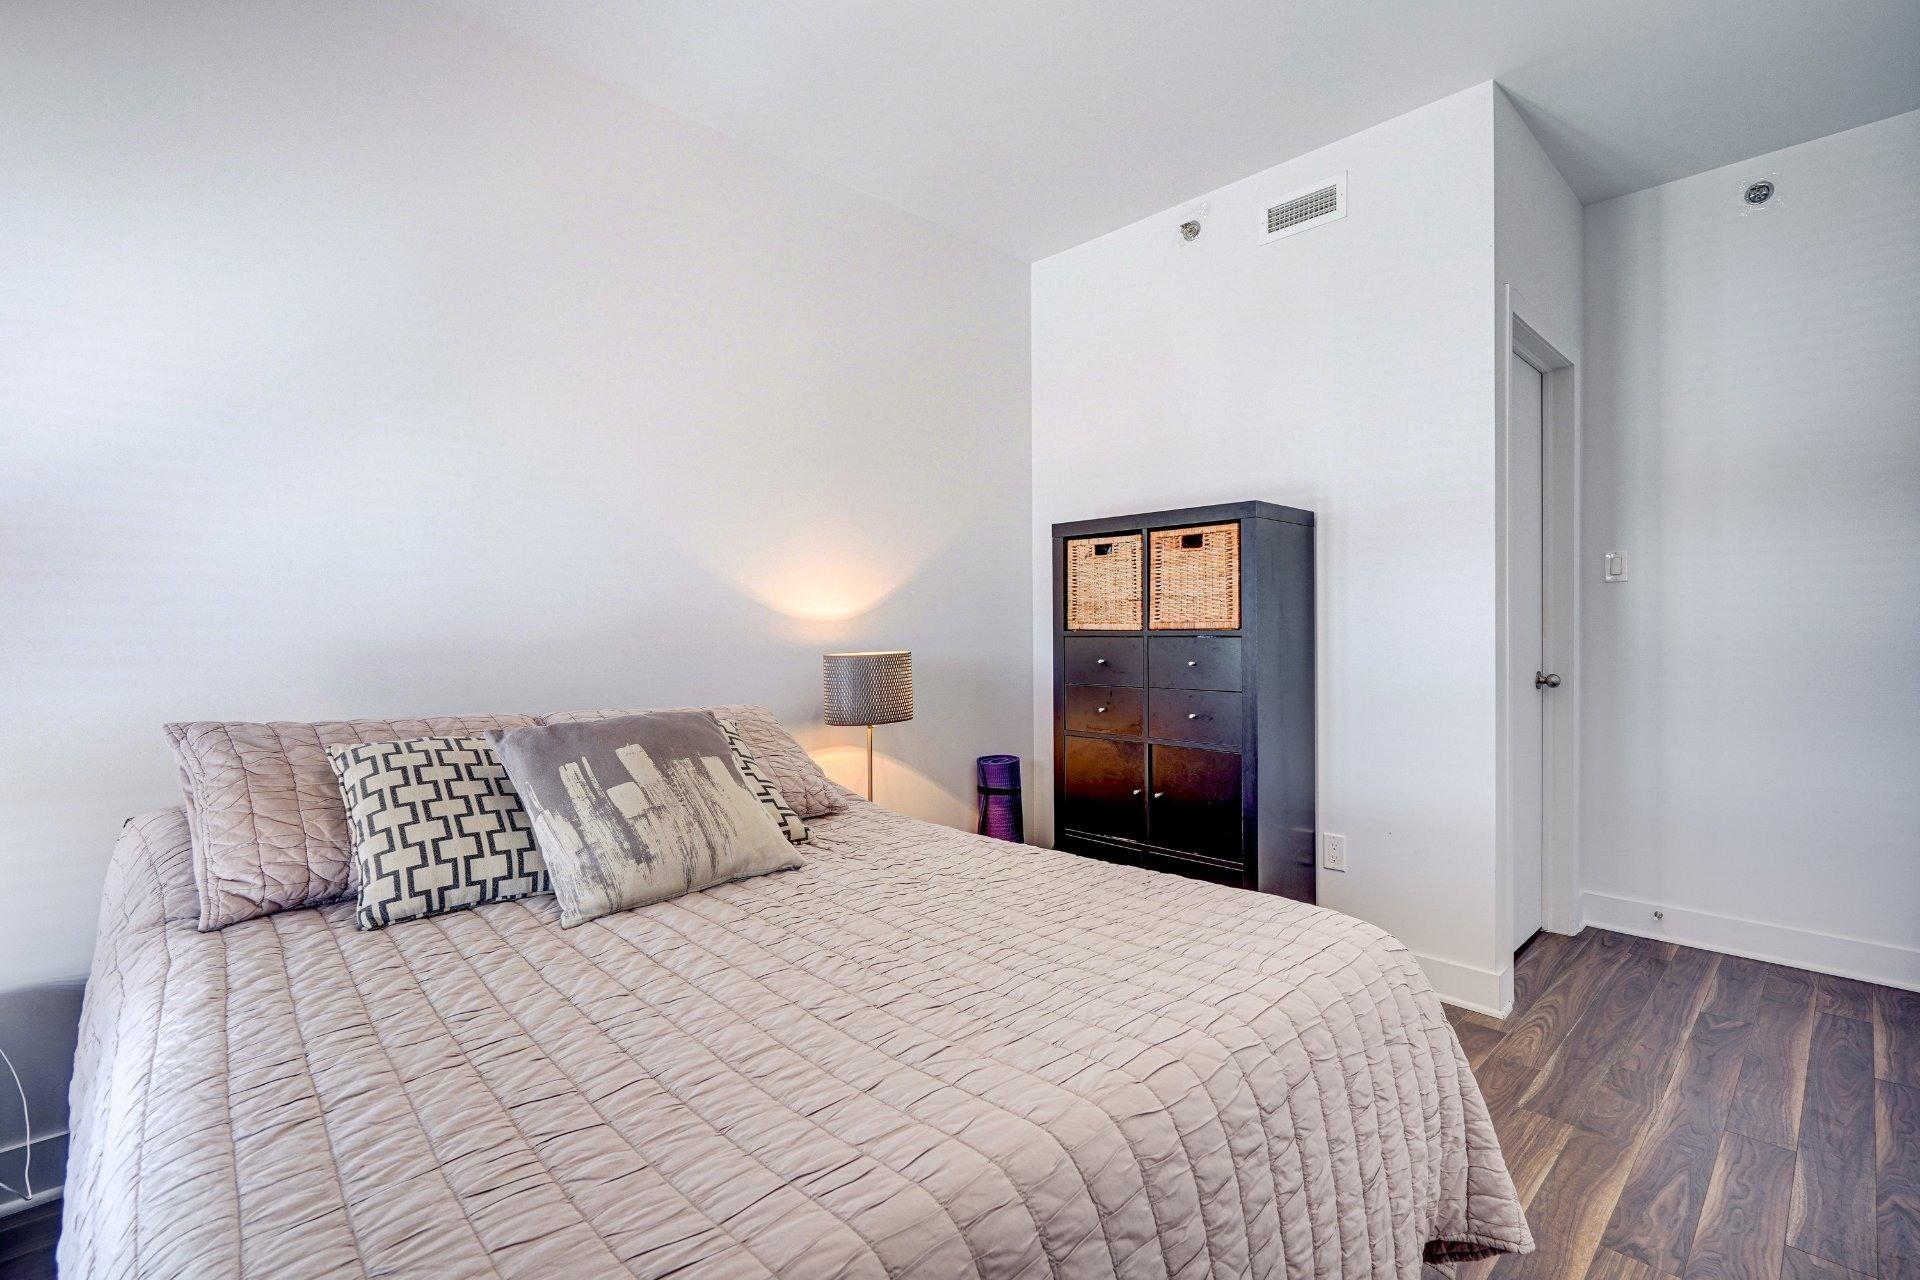 image 14 - Appartement À vendre Saint-Laurent Montréal  - 7 pièces